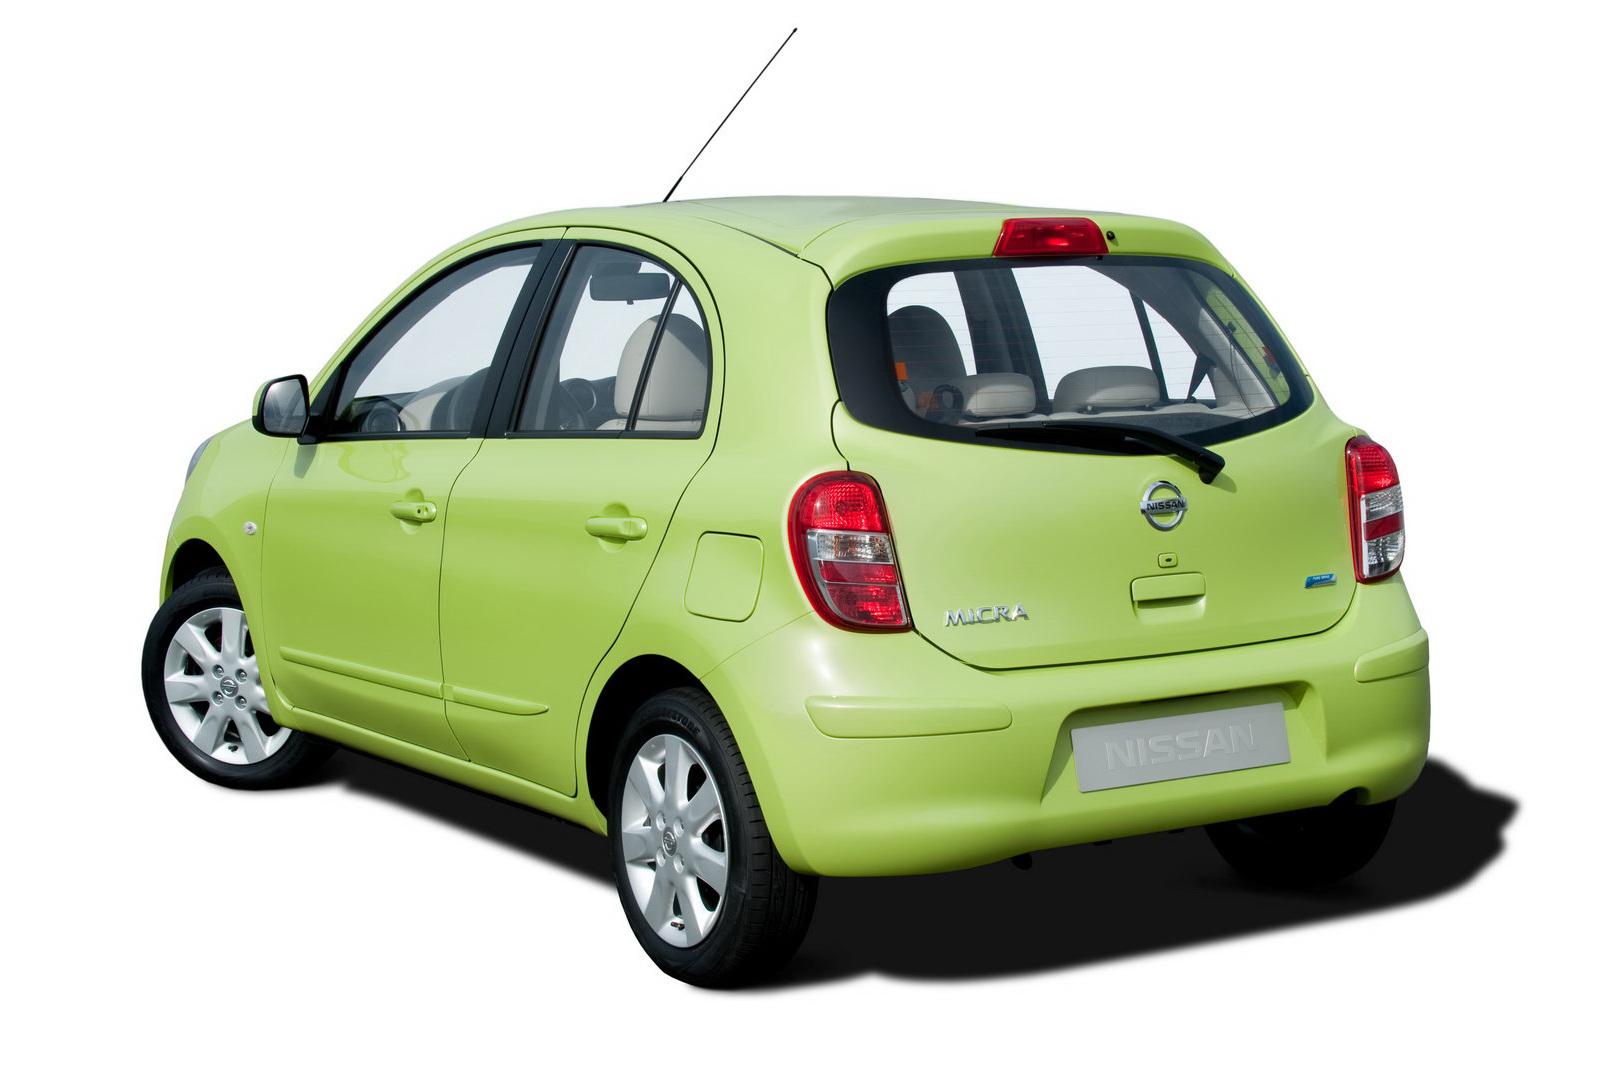 Ginevra 2010: tutte le immagini della nuova Nissan Micra